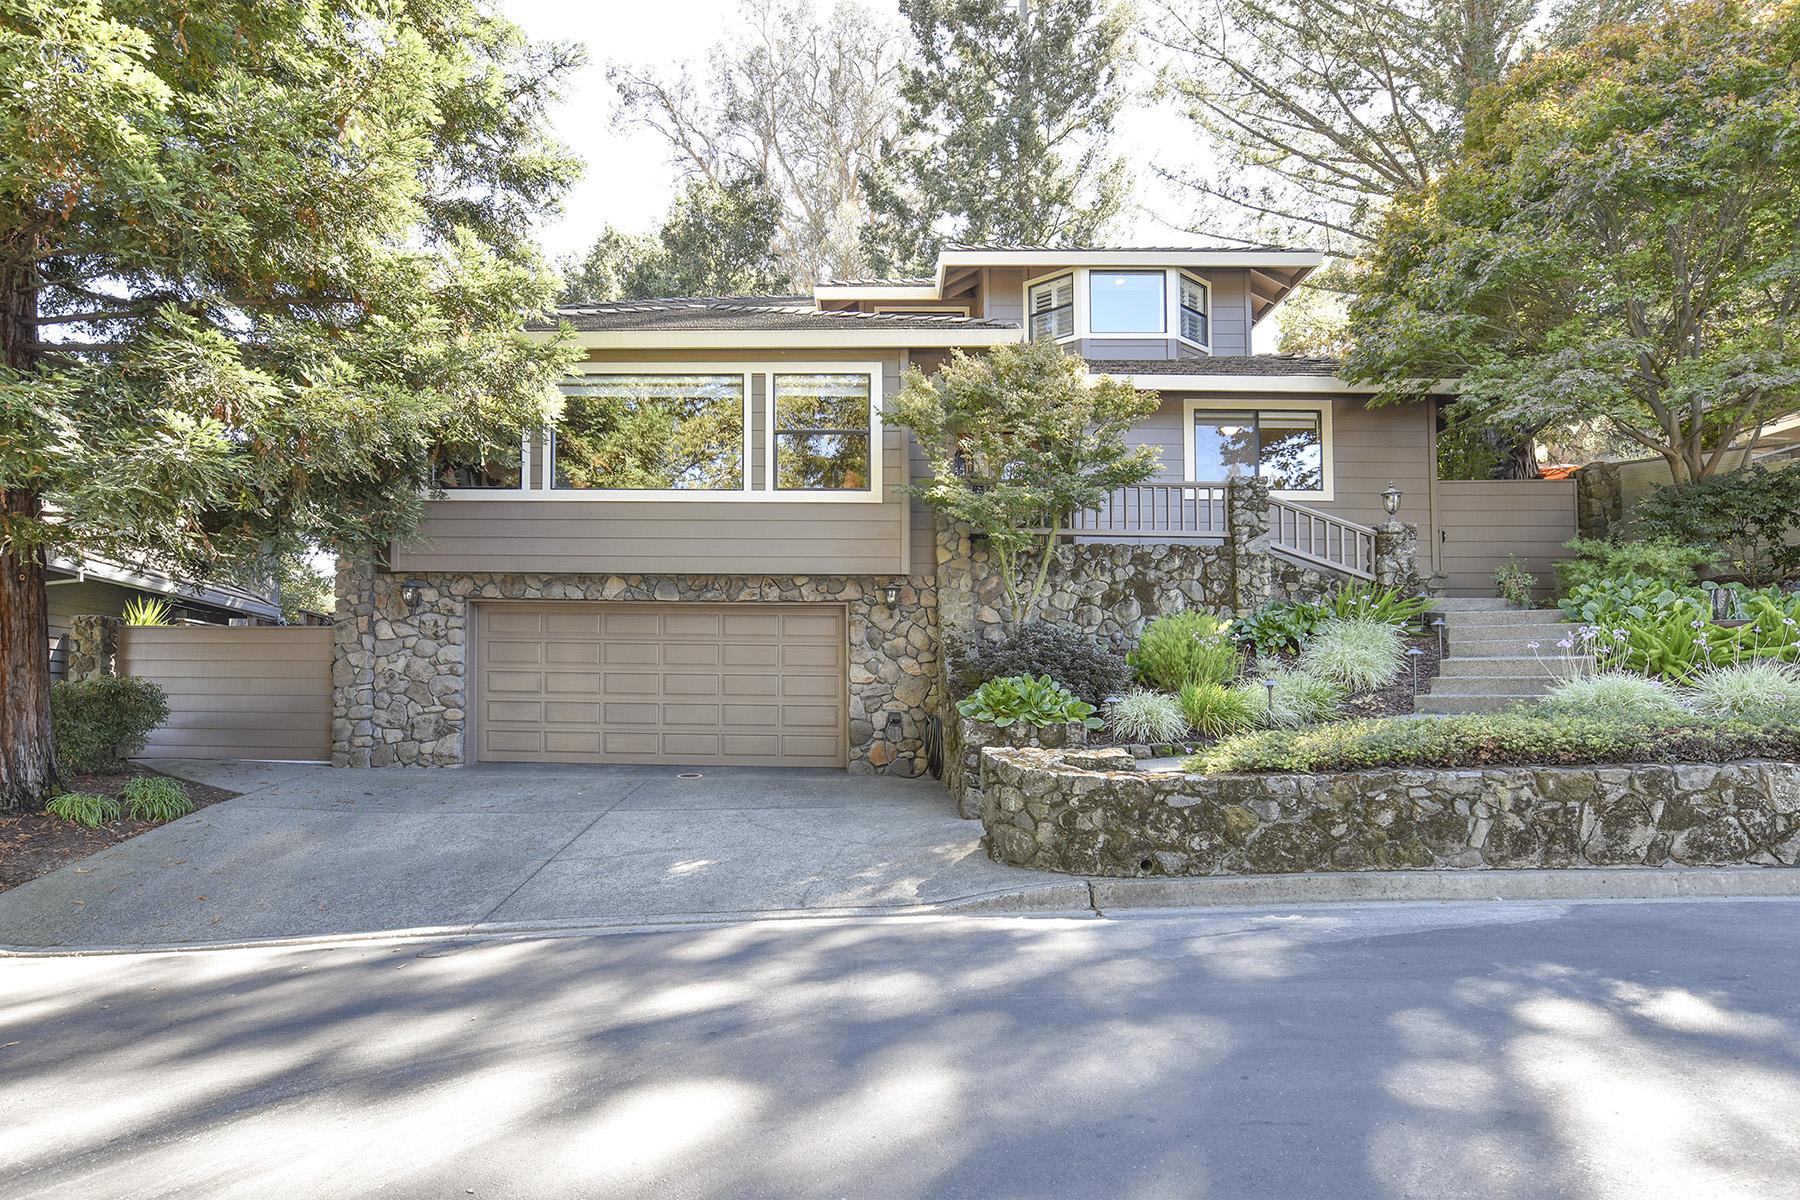 단독 가정 주택 용 매매 에 711 Casswall St, Napa, CA 94558 711 Casswall St Napa, 캘리포니아, 94558 미국